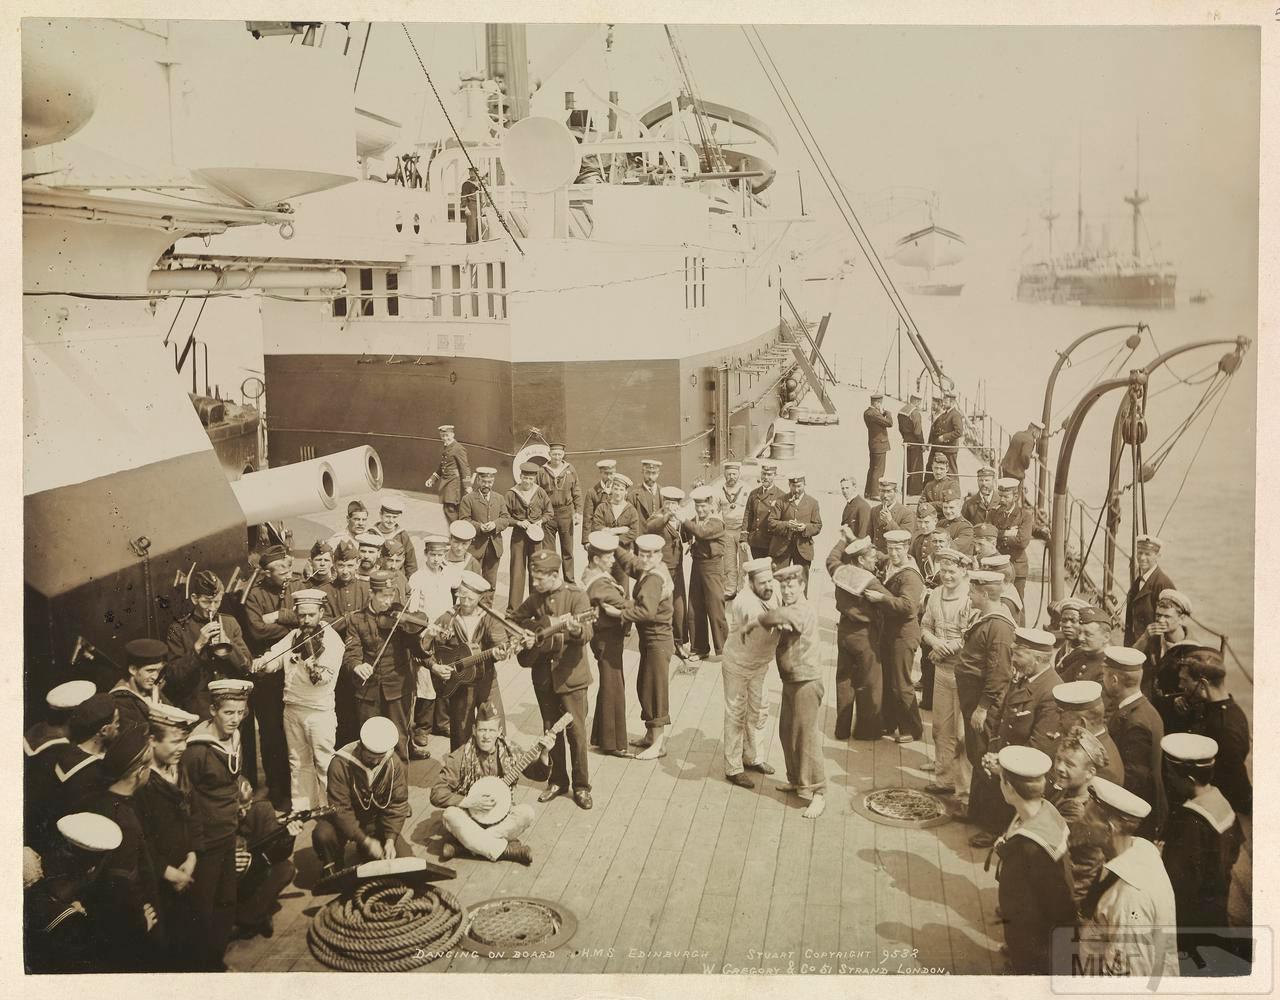 79069 - HMS Edinburch